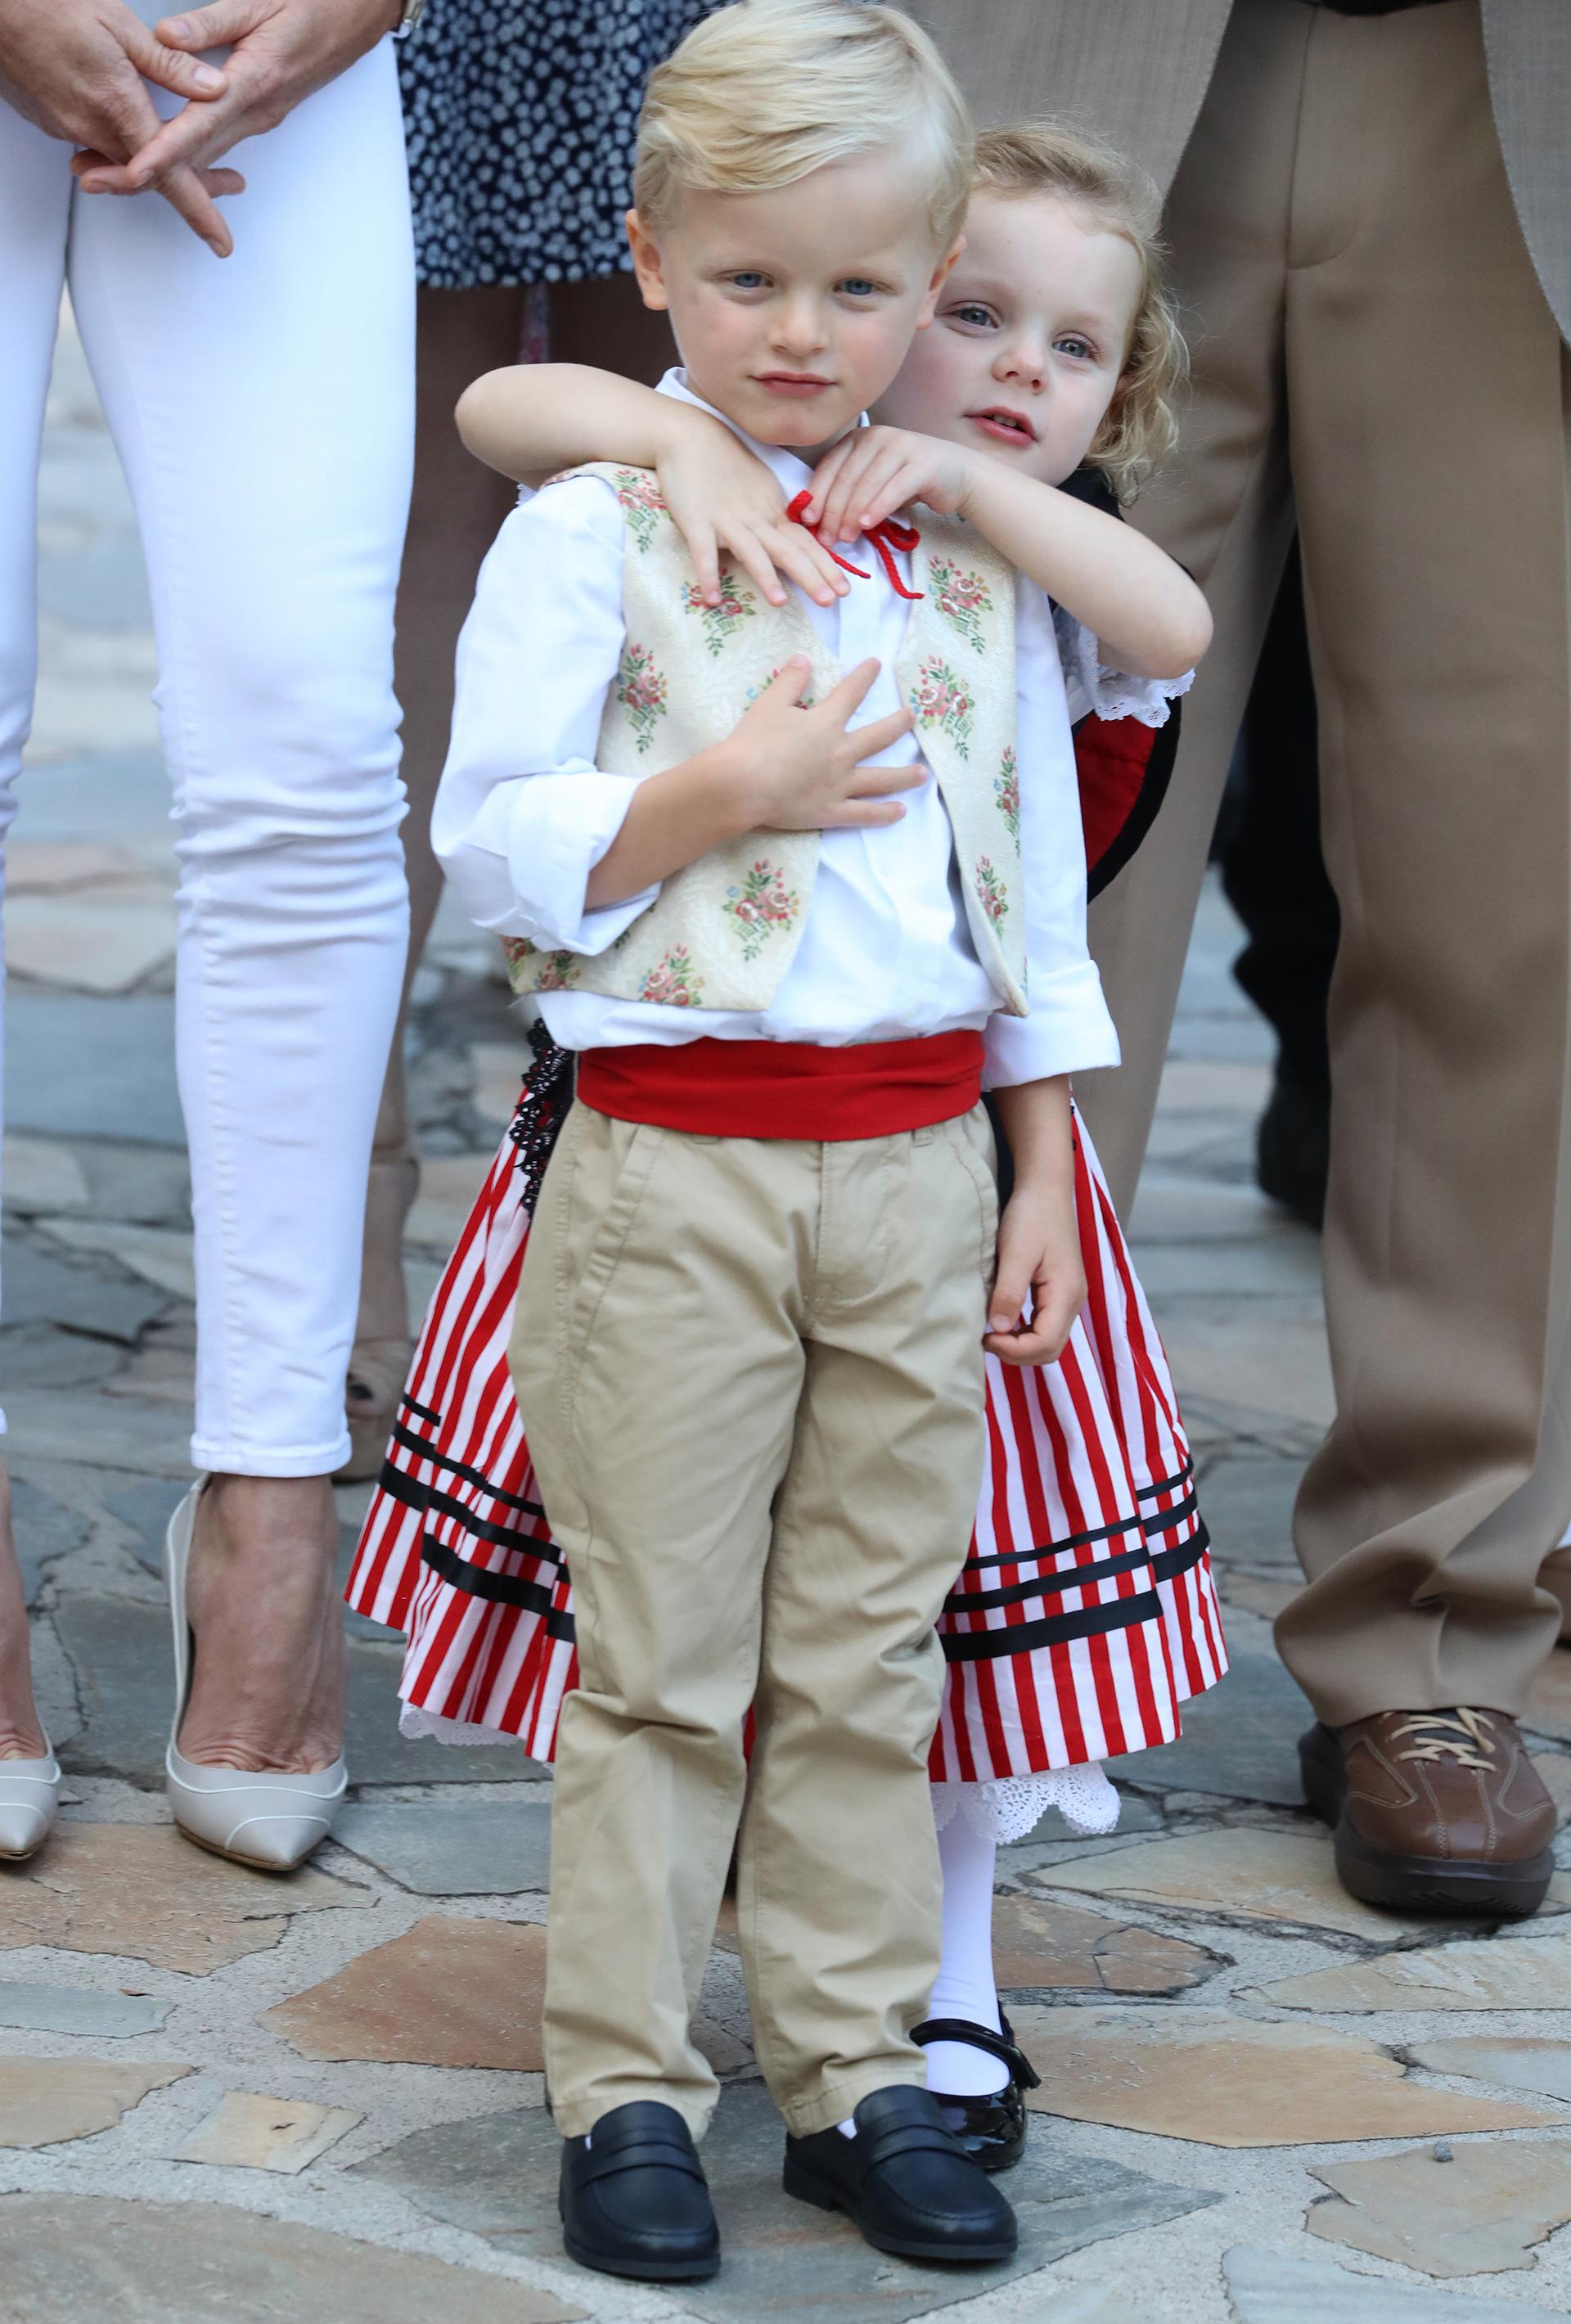 Jacques vistió un pantalón claro, una faja colorada y un chaleco con pequeñas flores